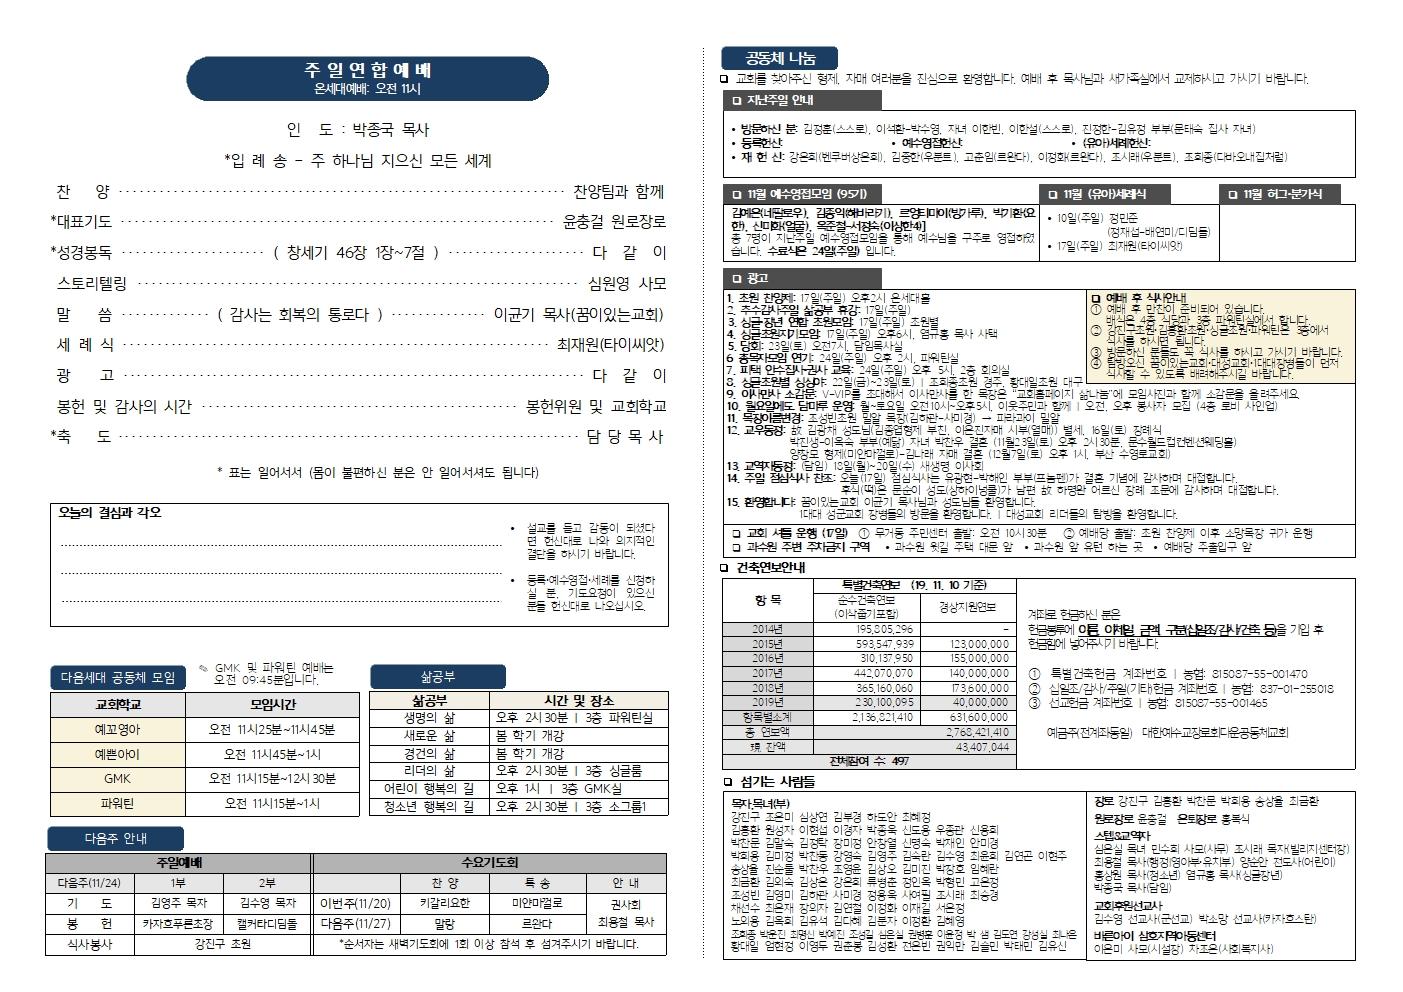 001_구영리교회주보_2019_11-12월006.jpg